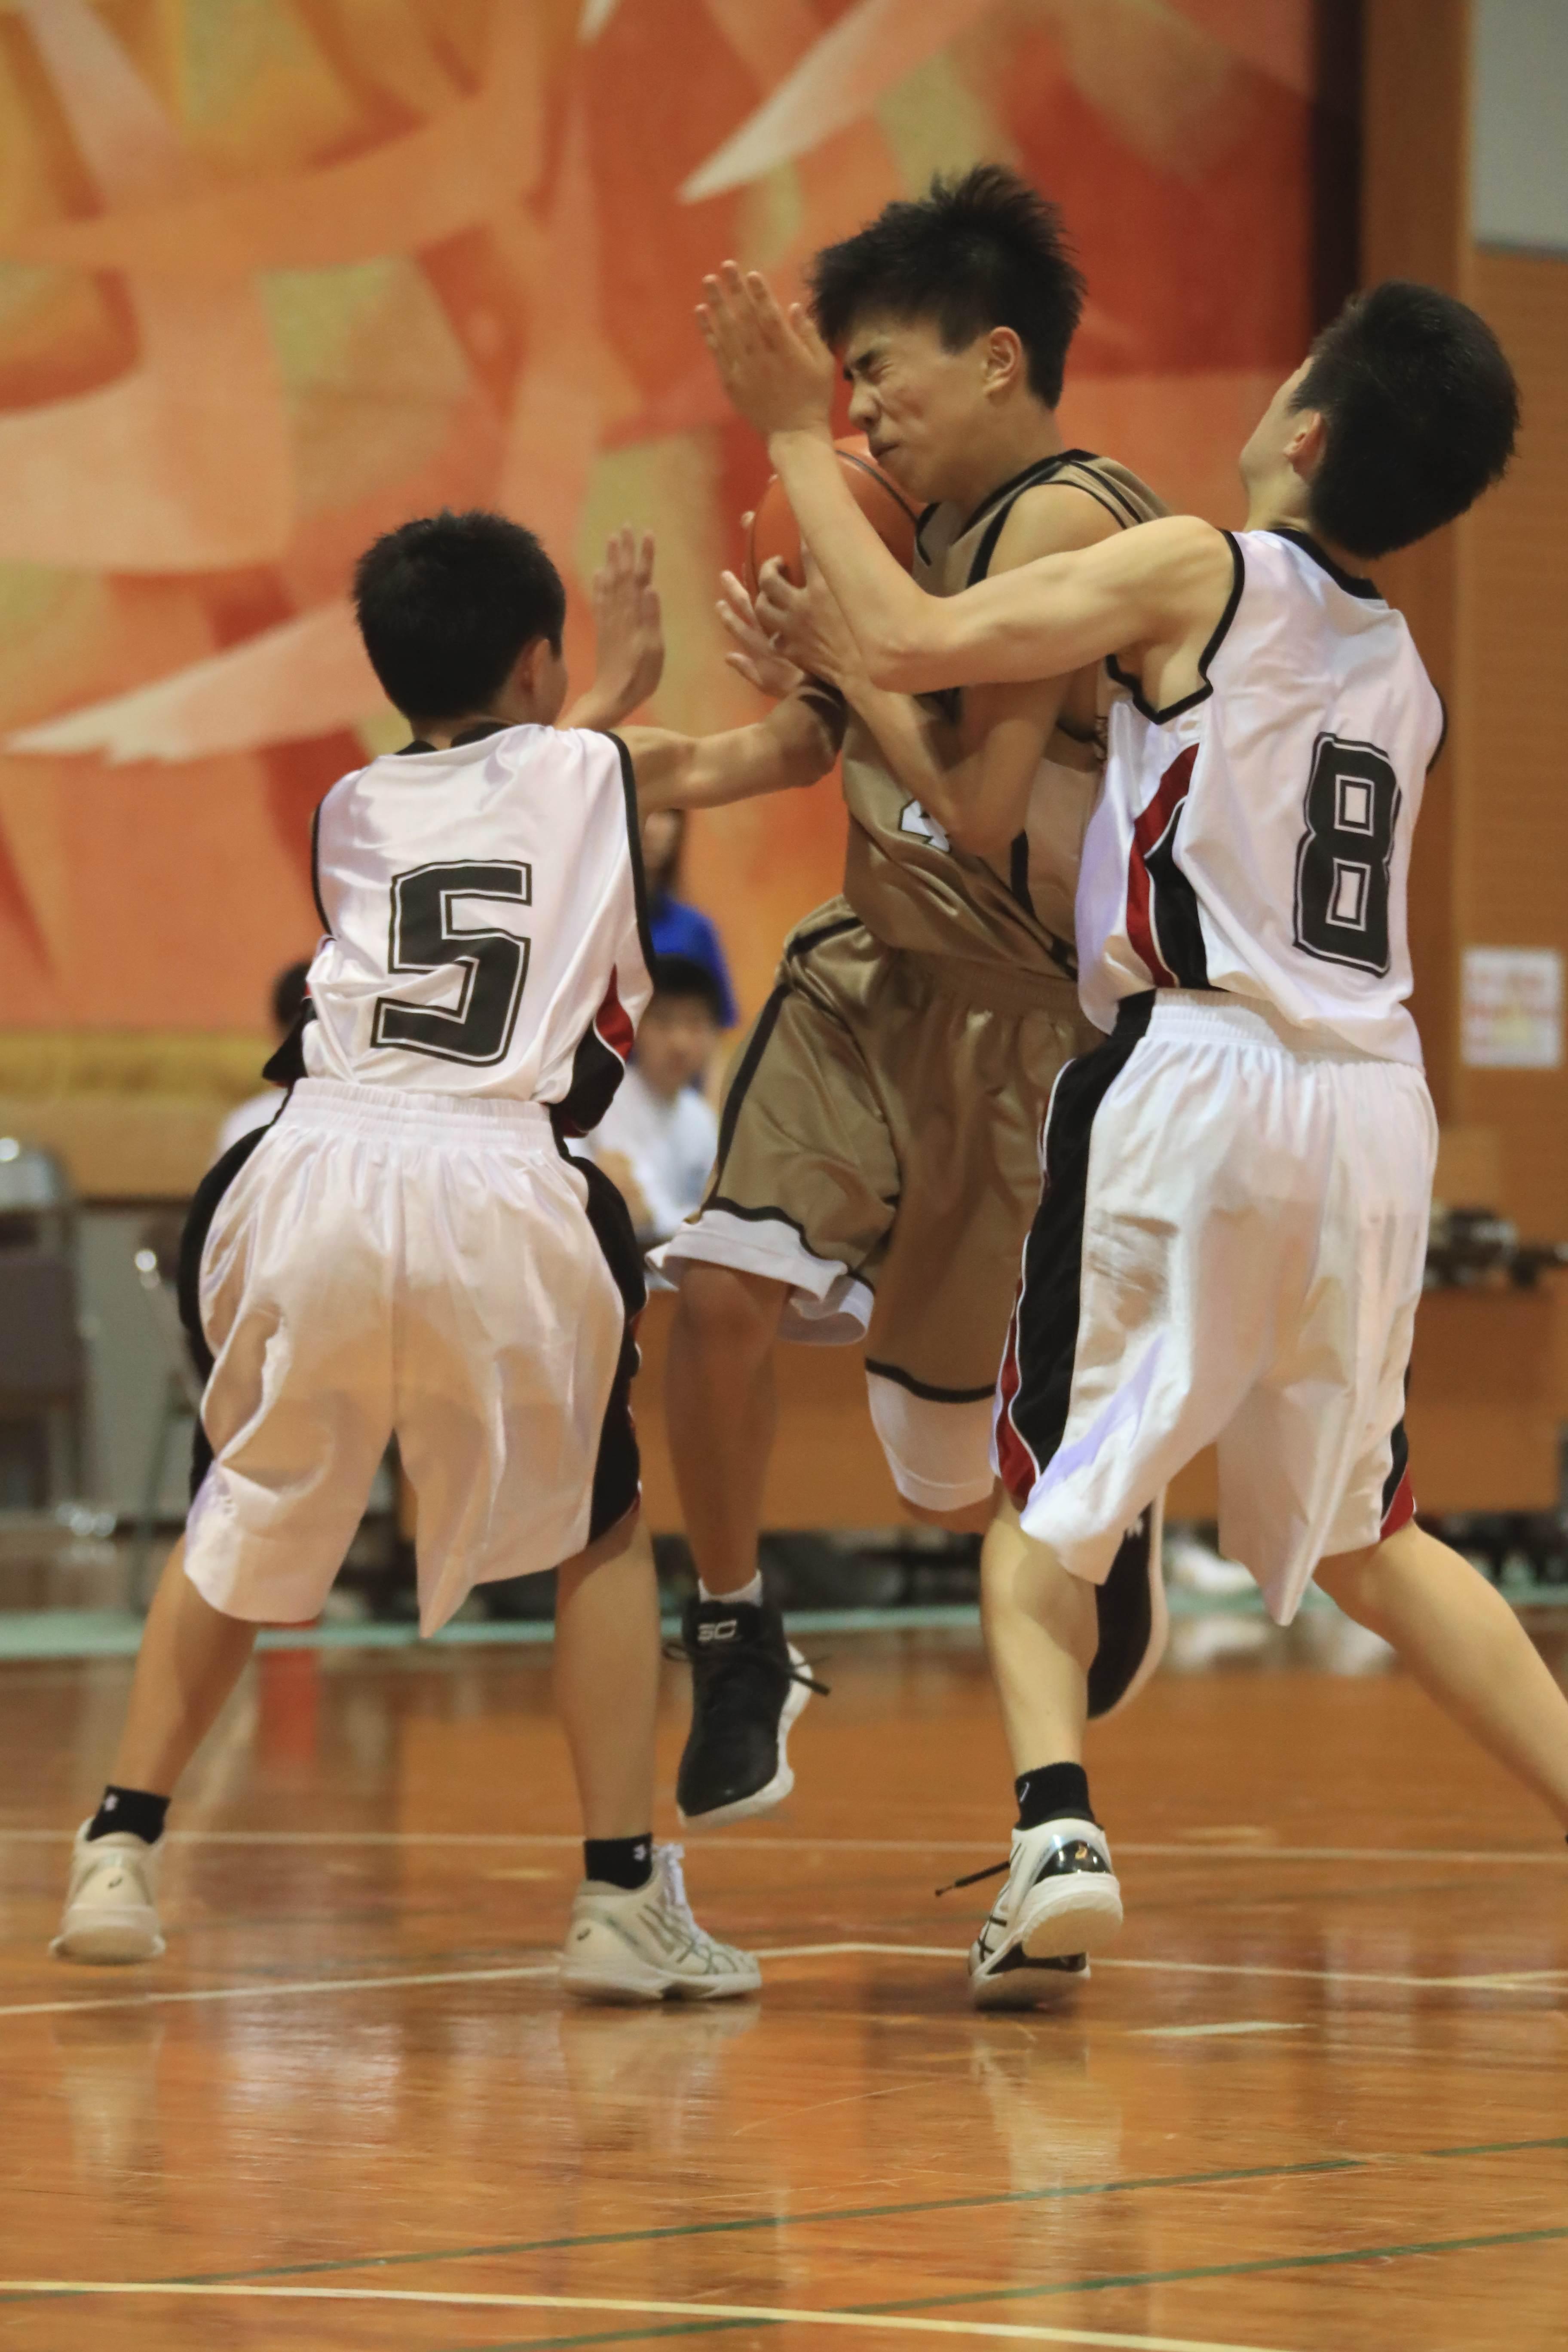 バスケットボール (36)